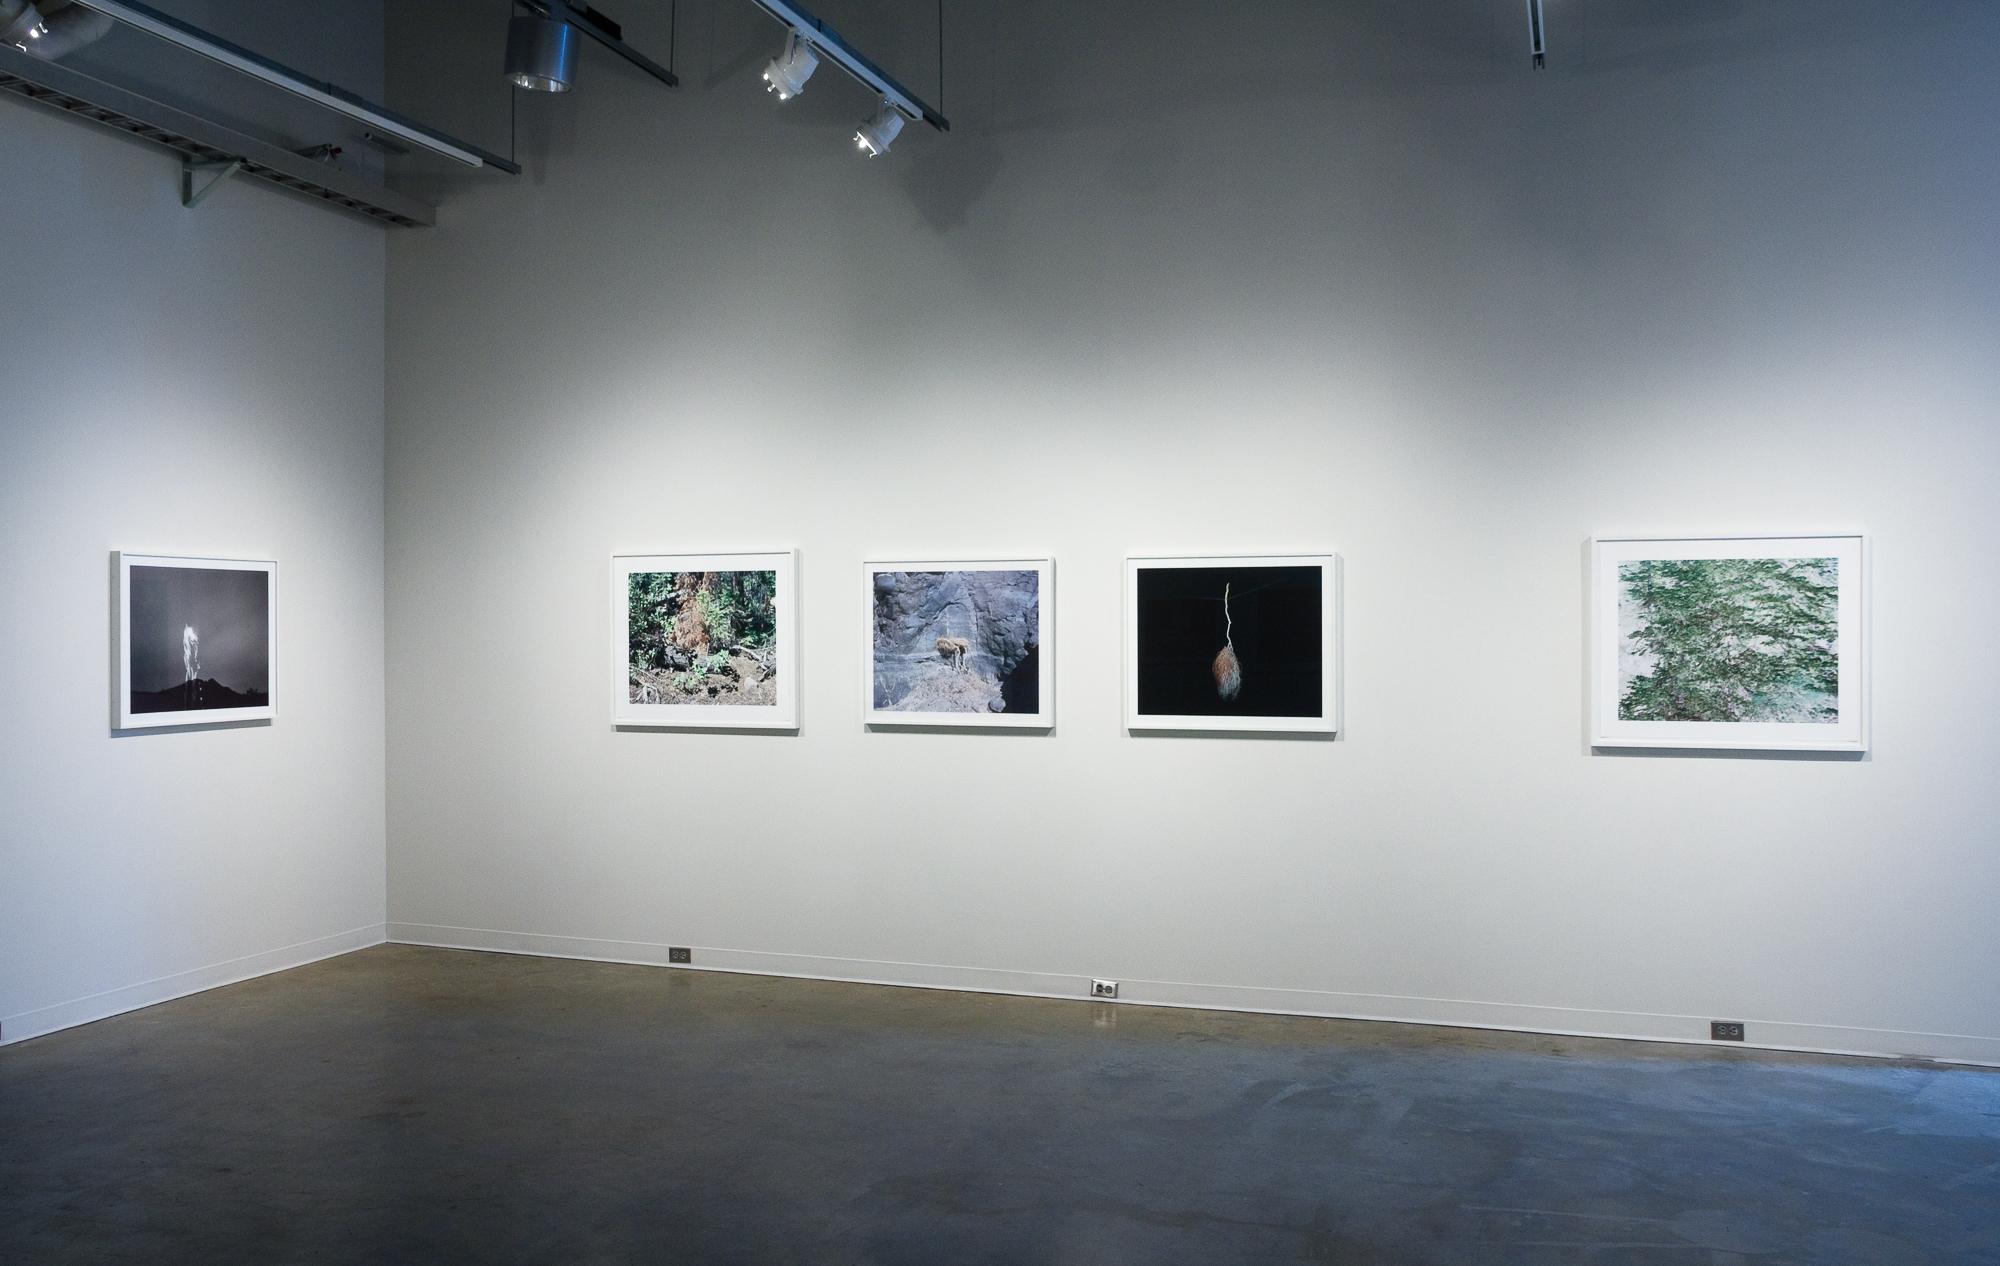 Night of the Moth, ML; Watson, AR; Untitled, ML; Untitled, ML; Untitled, AR